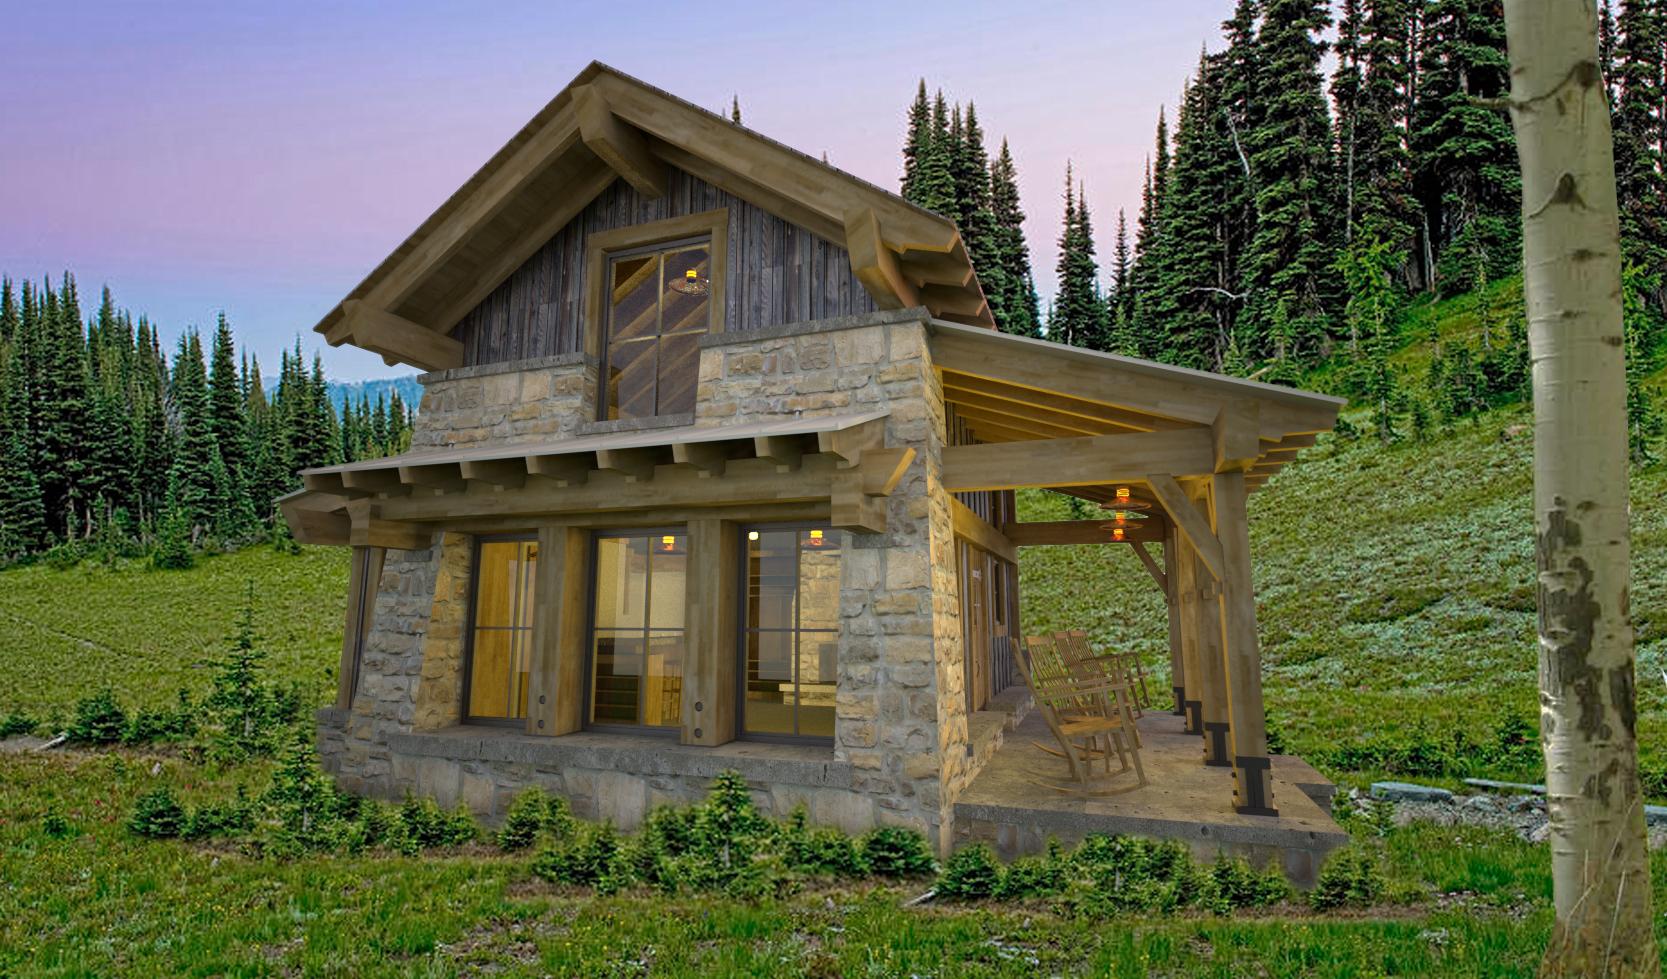 Colorado mountain cabin passive solar architect - 2.jpg